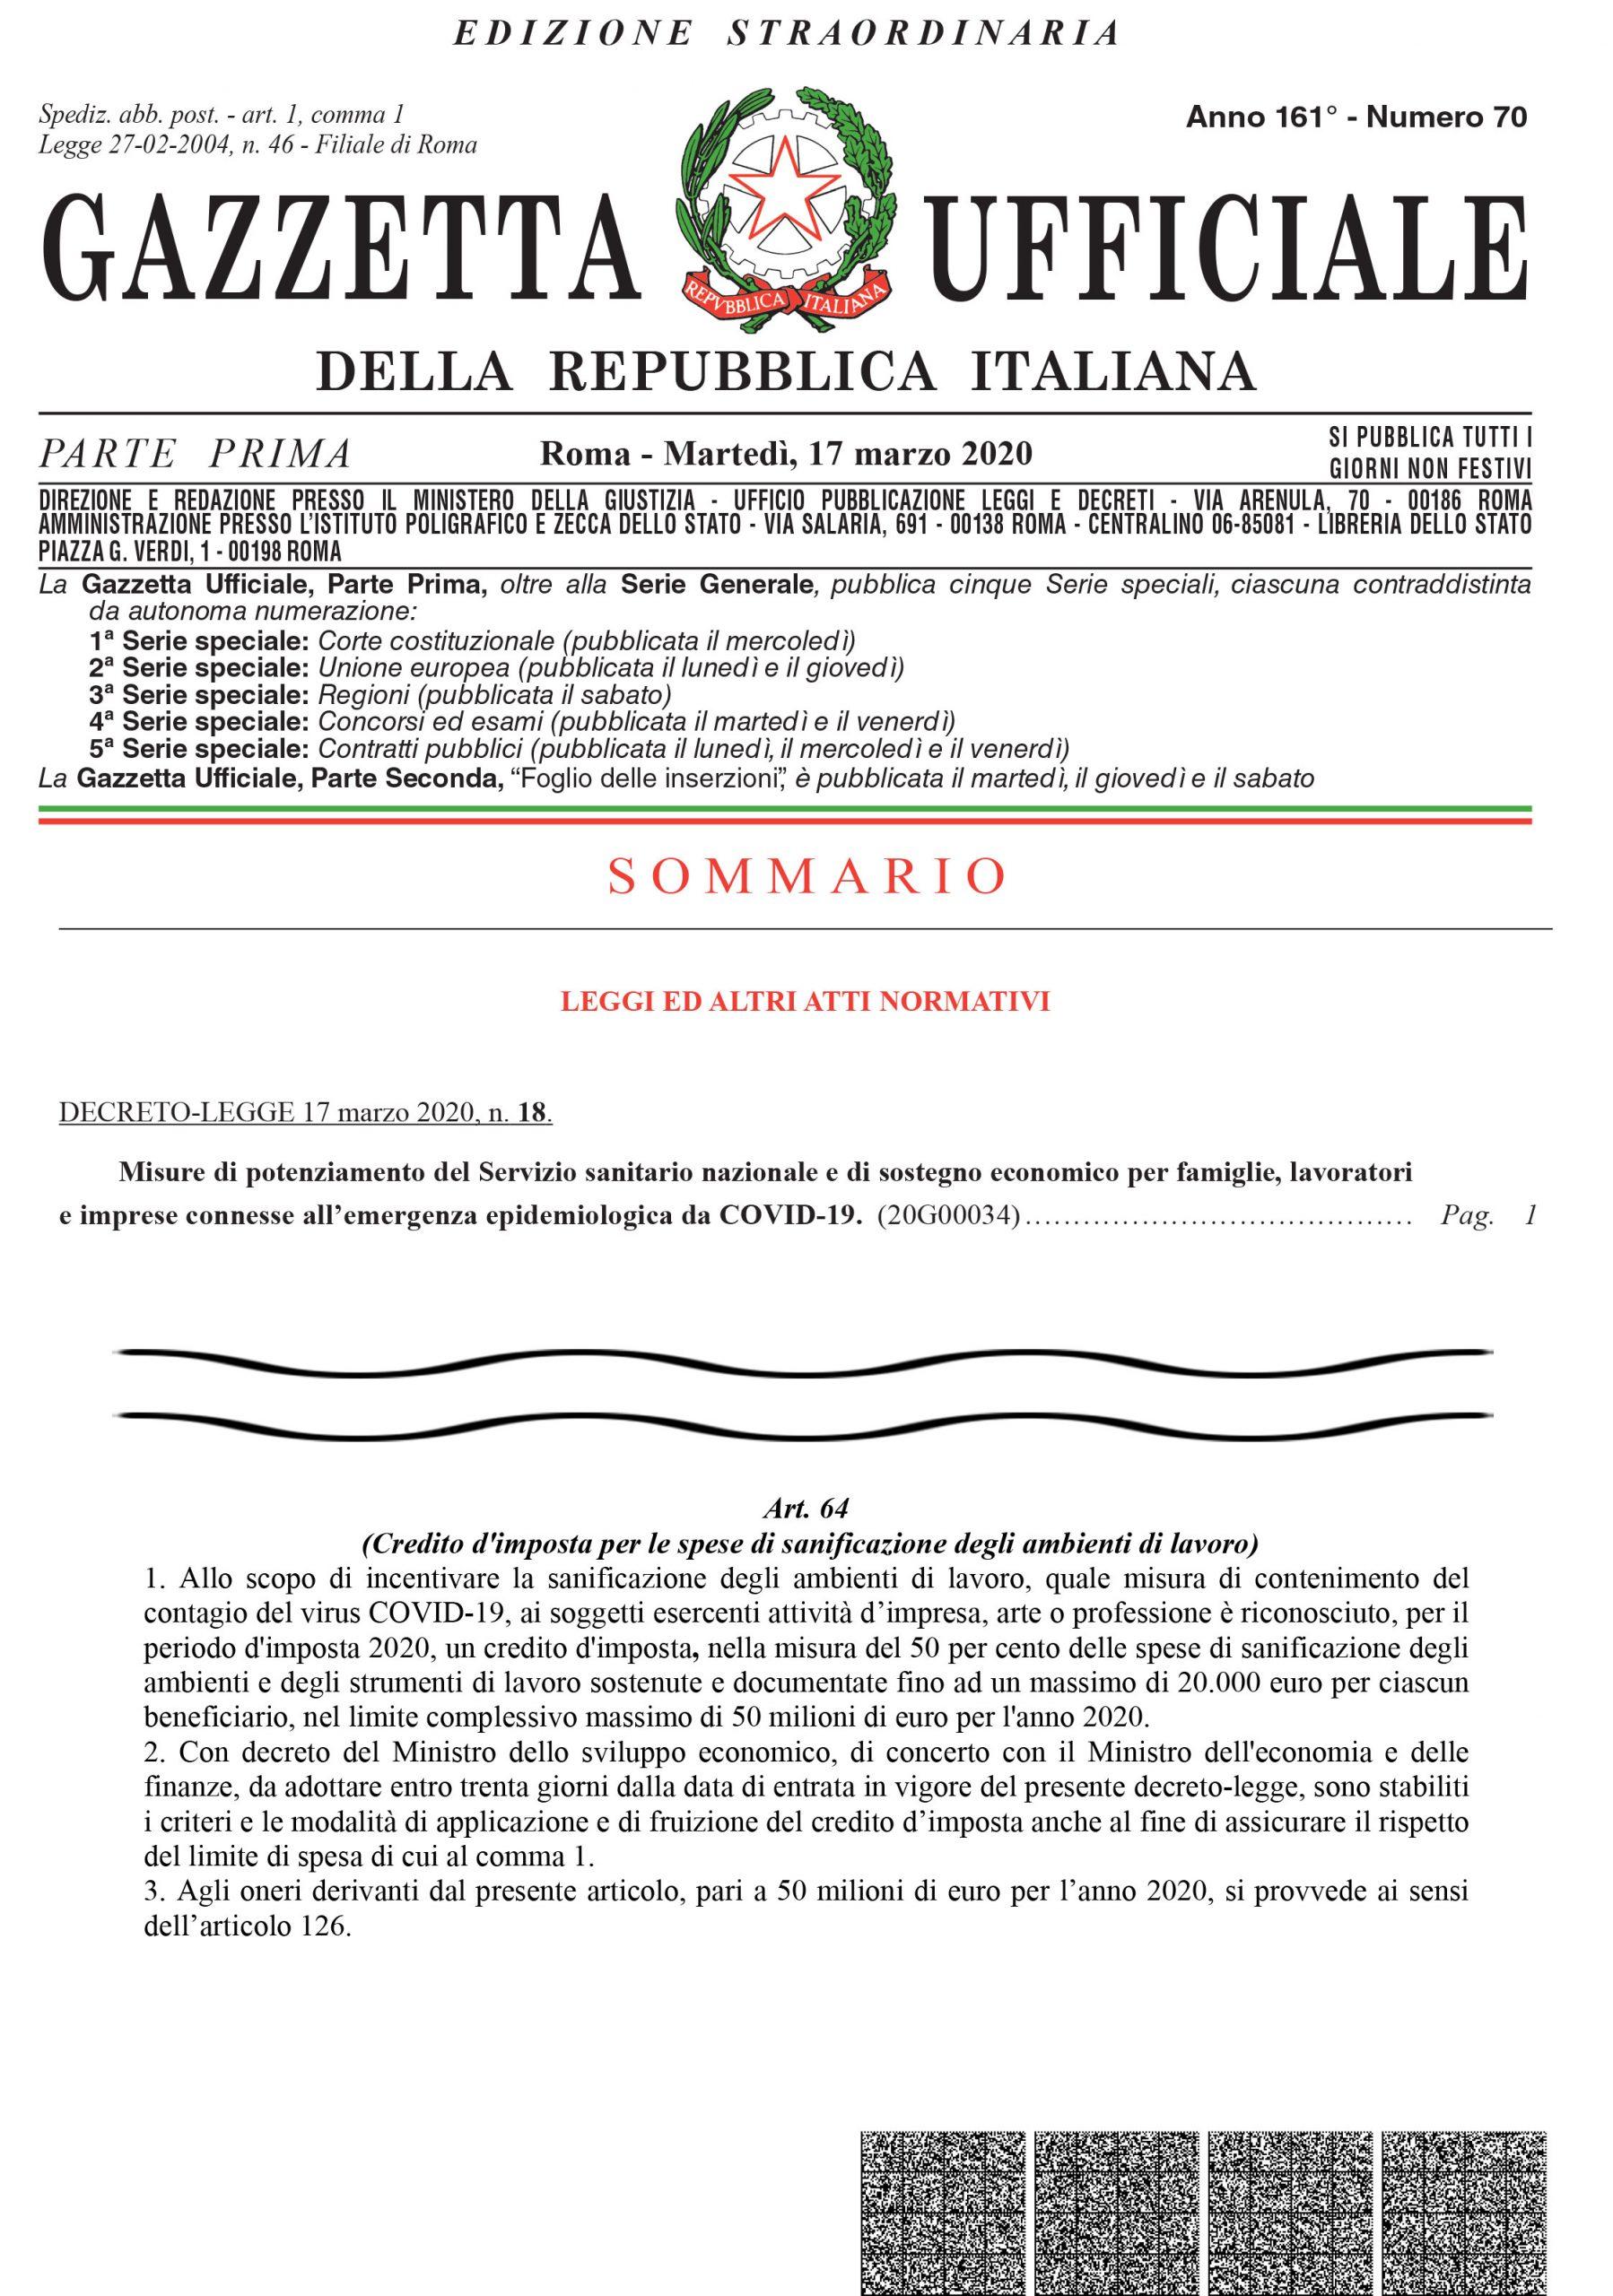 gazzetta_art64